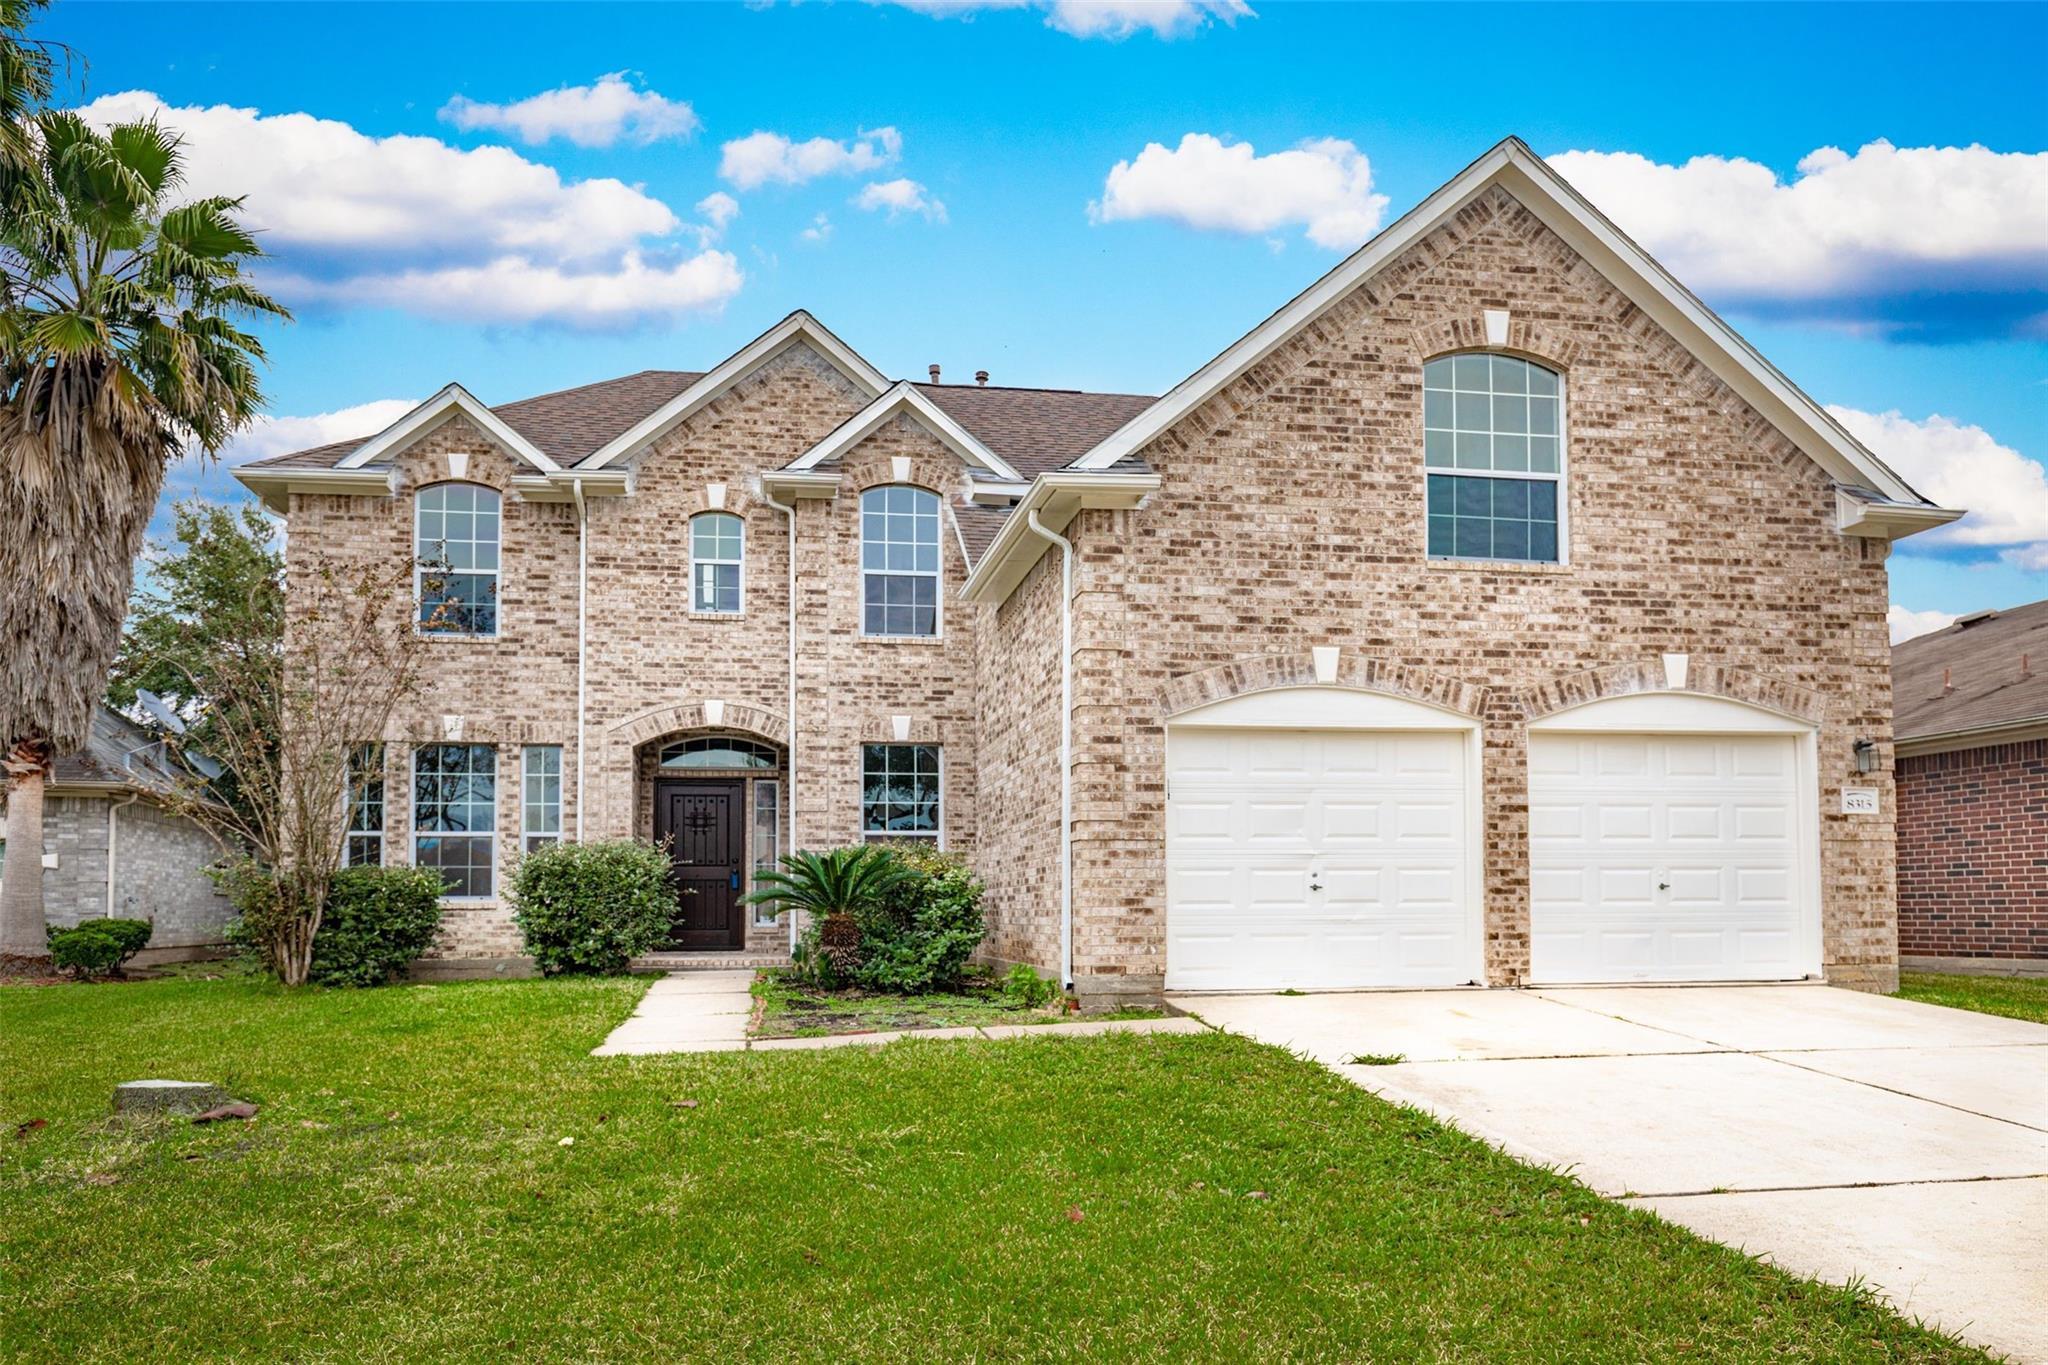 8315 Ballina Ridge Court Property Photo - Houston, TX real estate listing